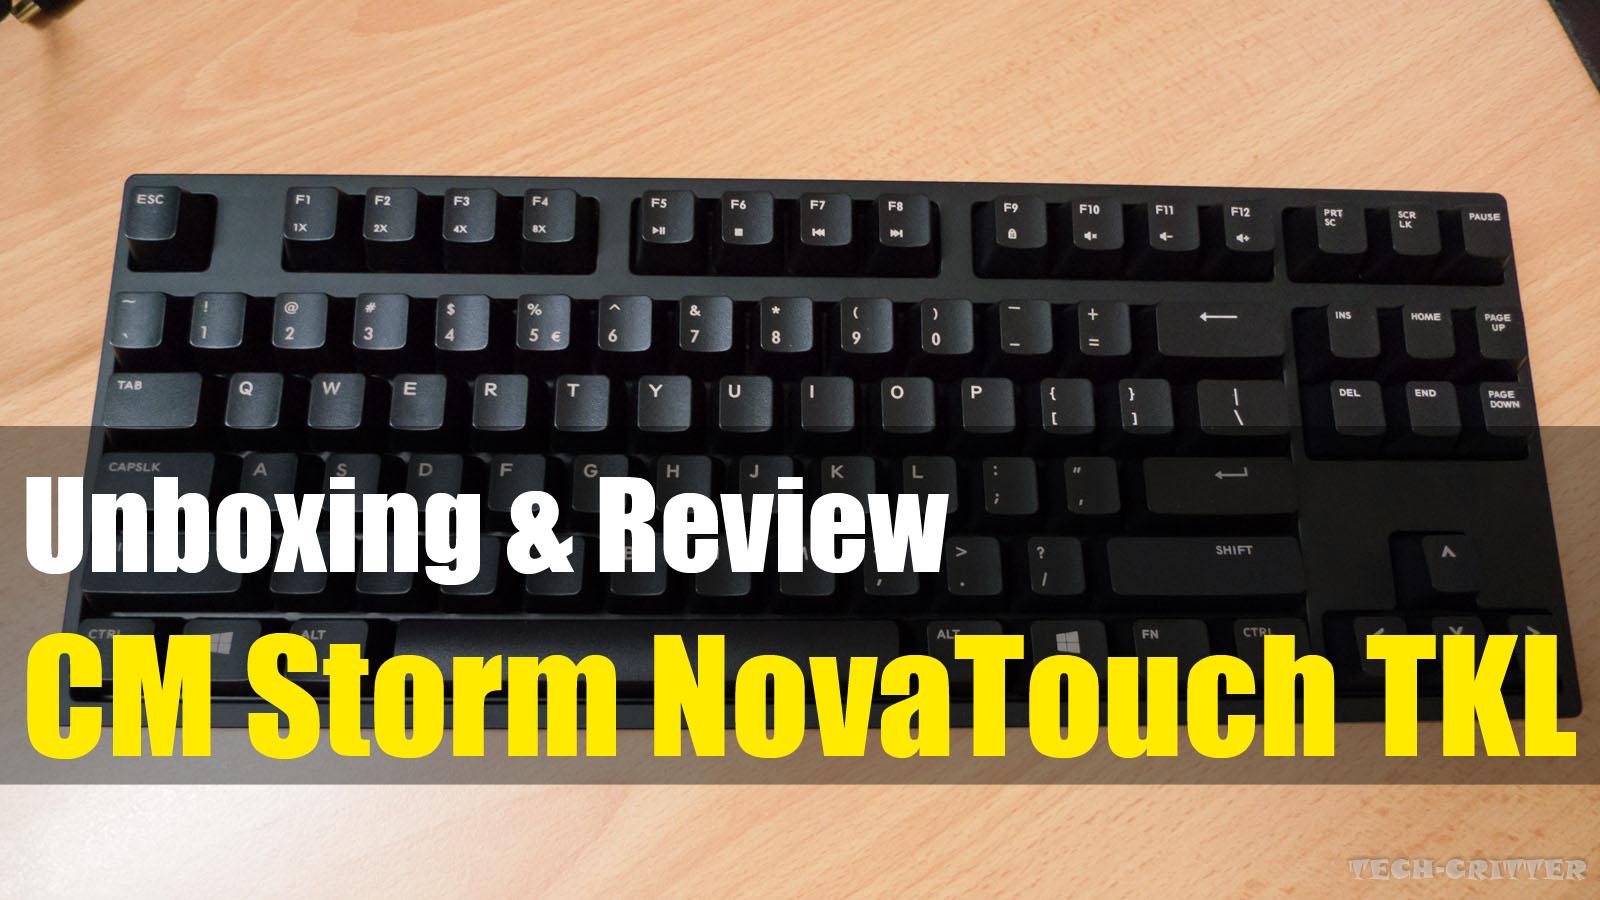 CM Storm Novatouch - 00